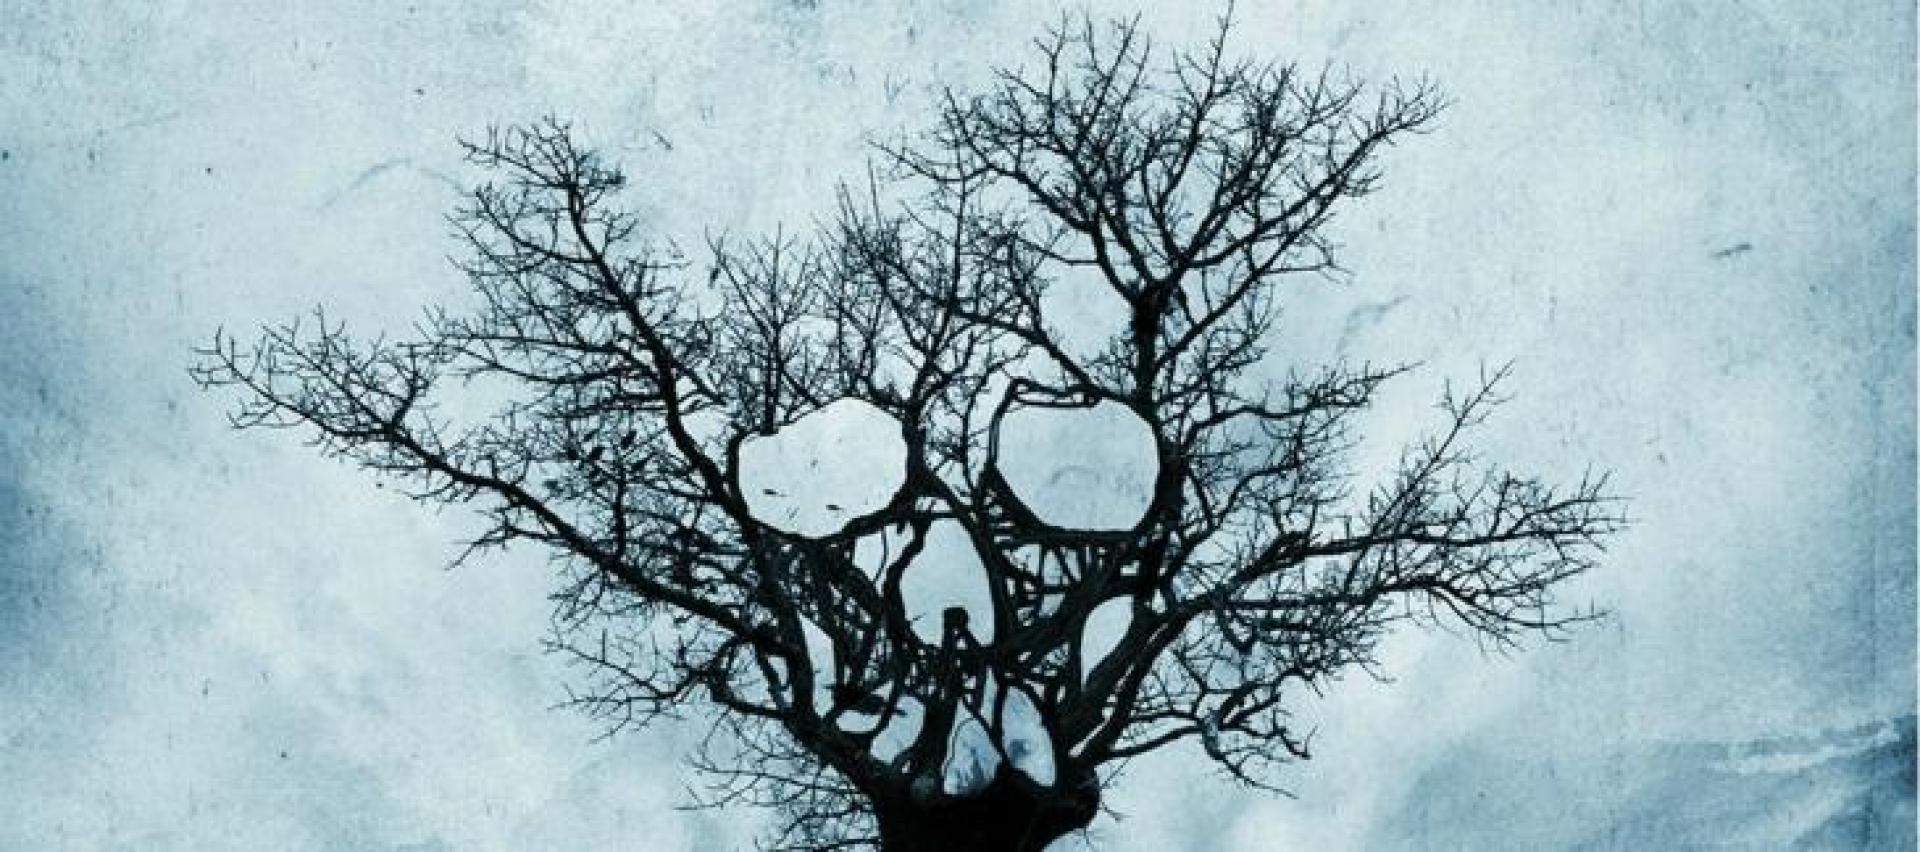 Horrorokban jártas színészek szerződtek le a Tales of Halloween antológiára